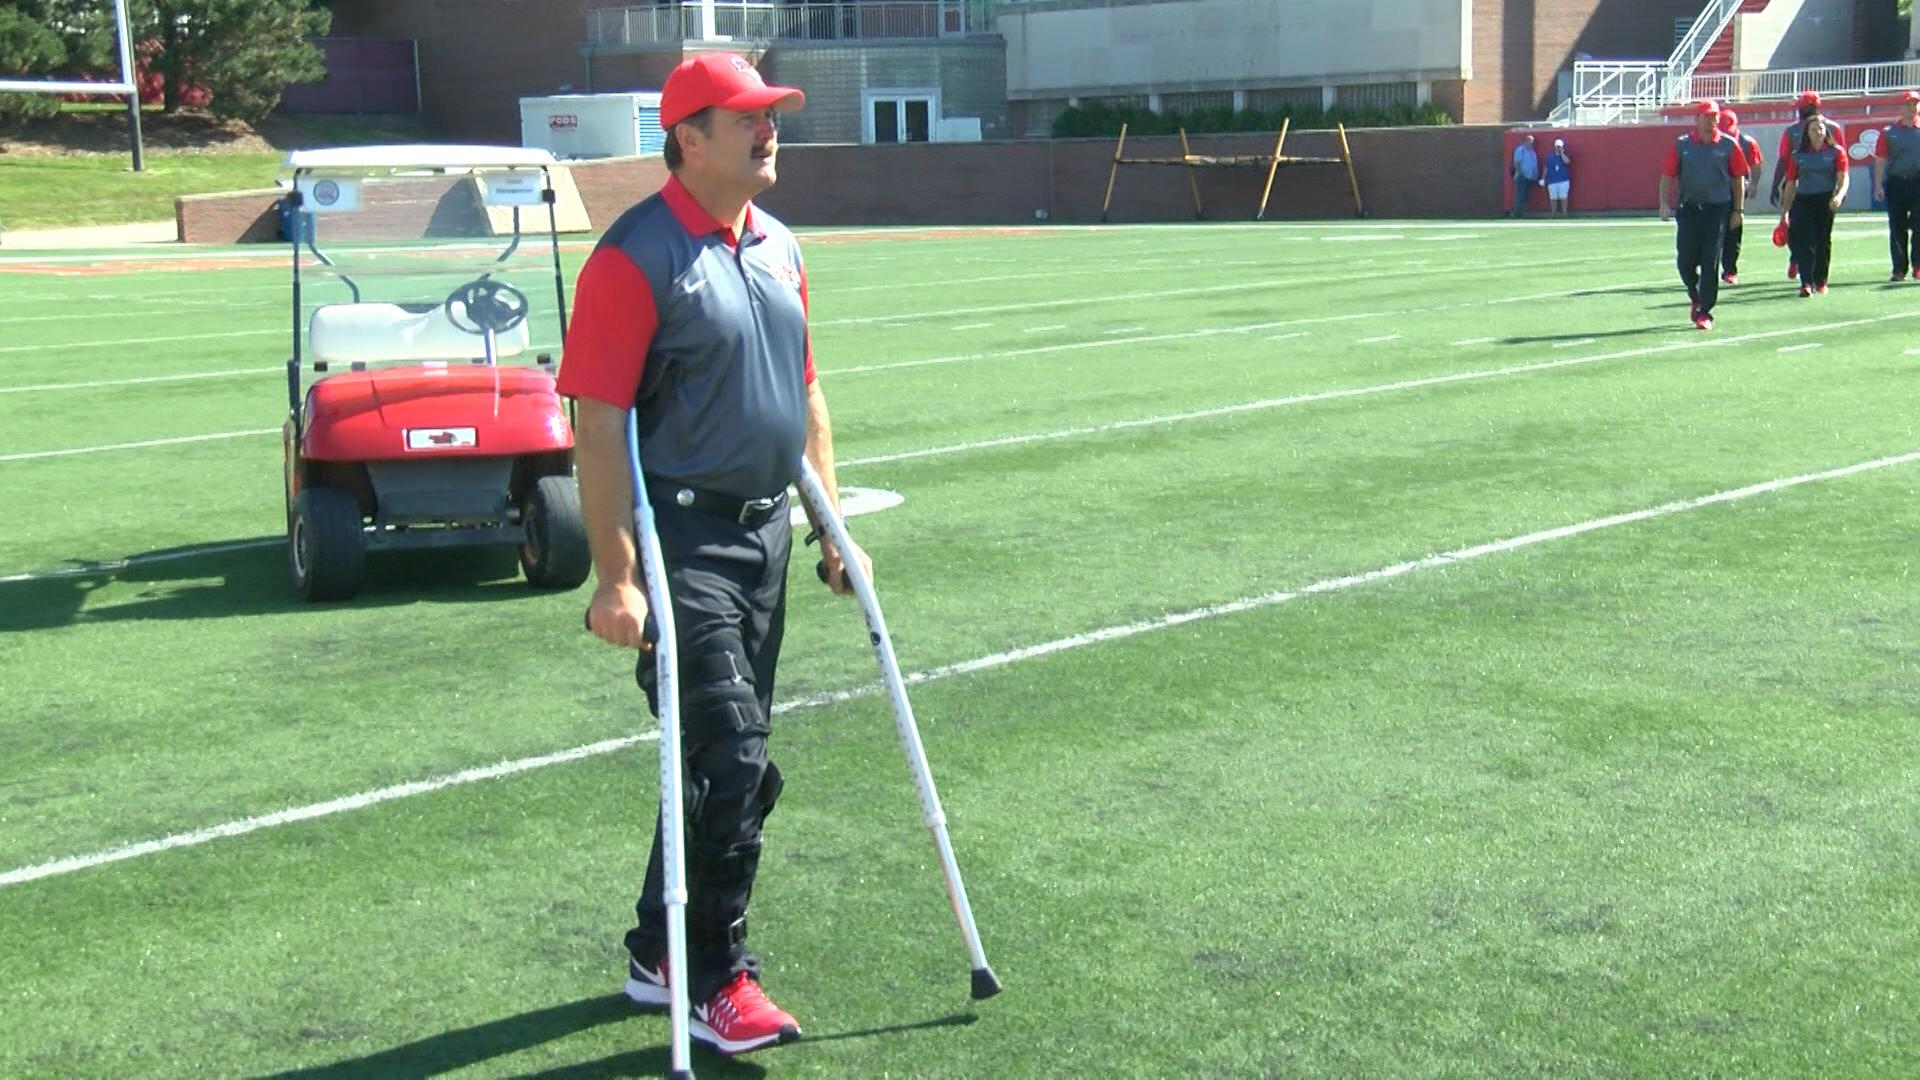 Brock Spack on crutches_1472617073924.jpg